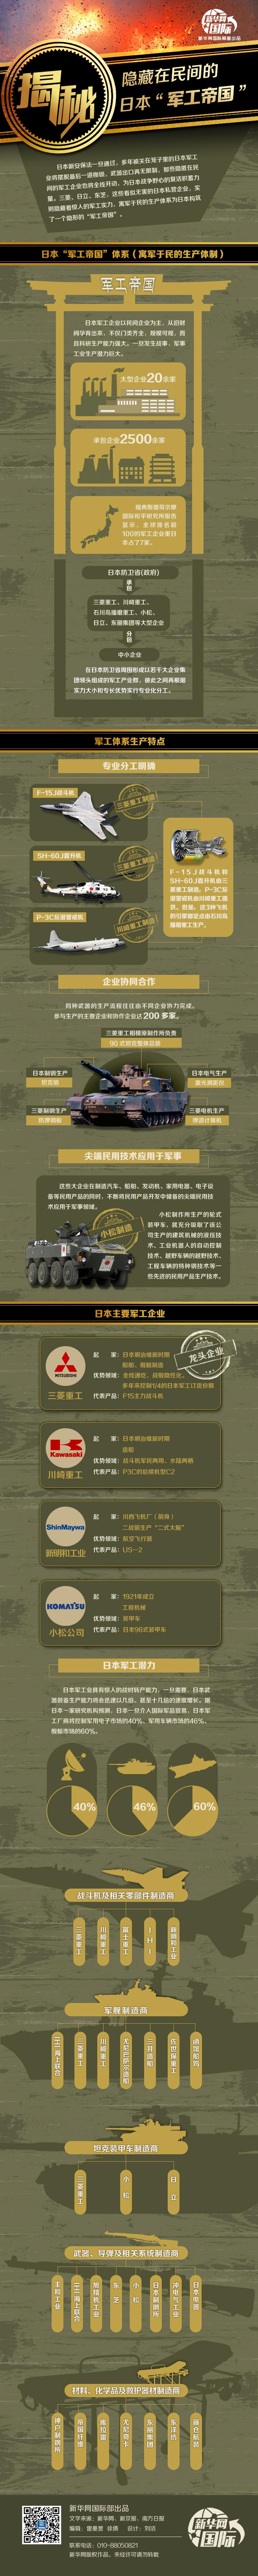 """揭秘:隐藏在民间的日本""""军工帝国"""" - 中国娃 - 中日关系"""